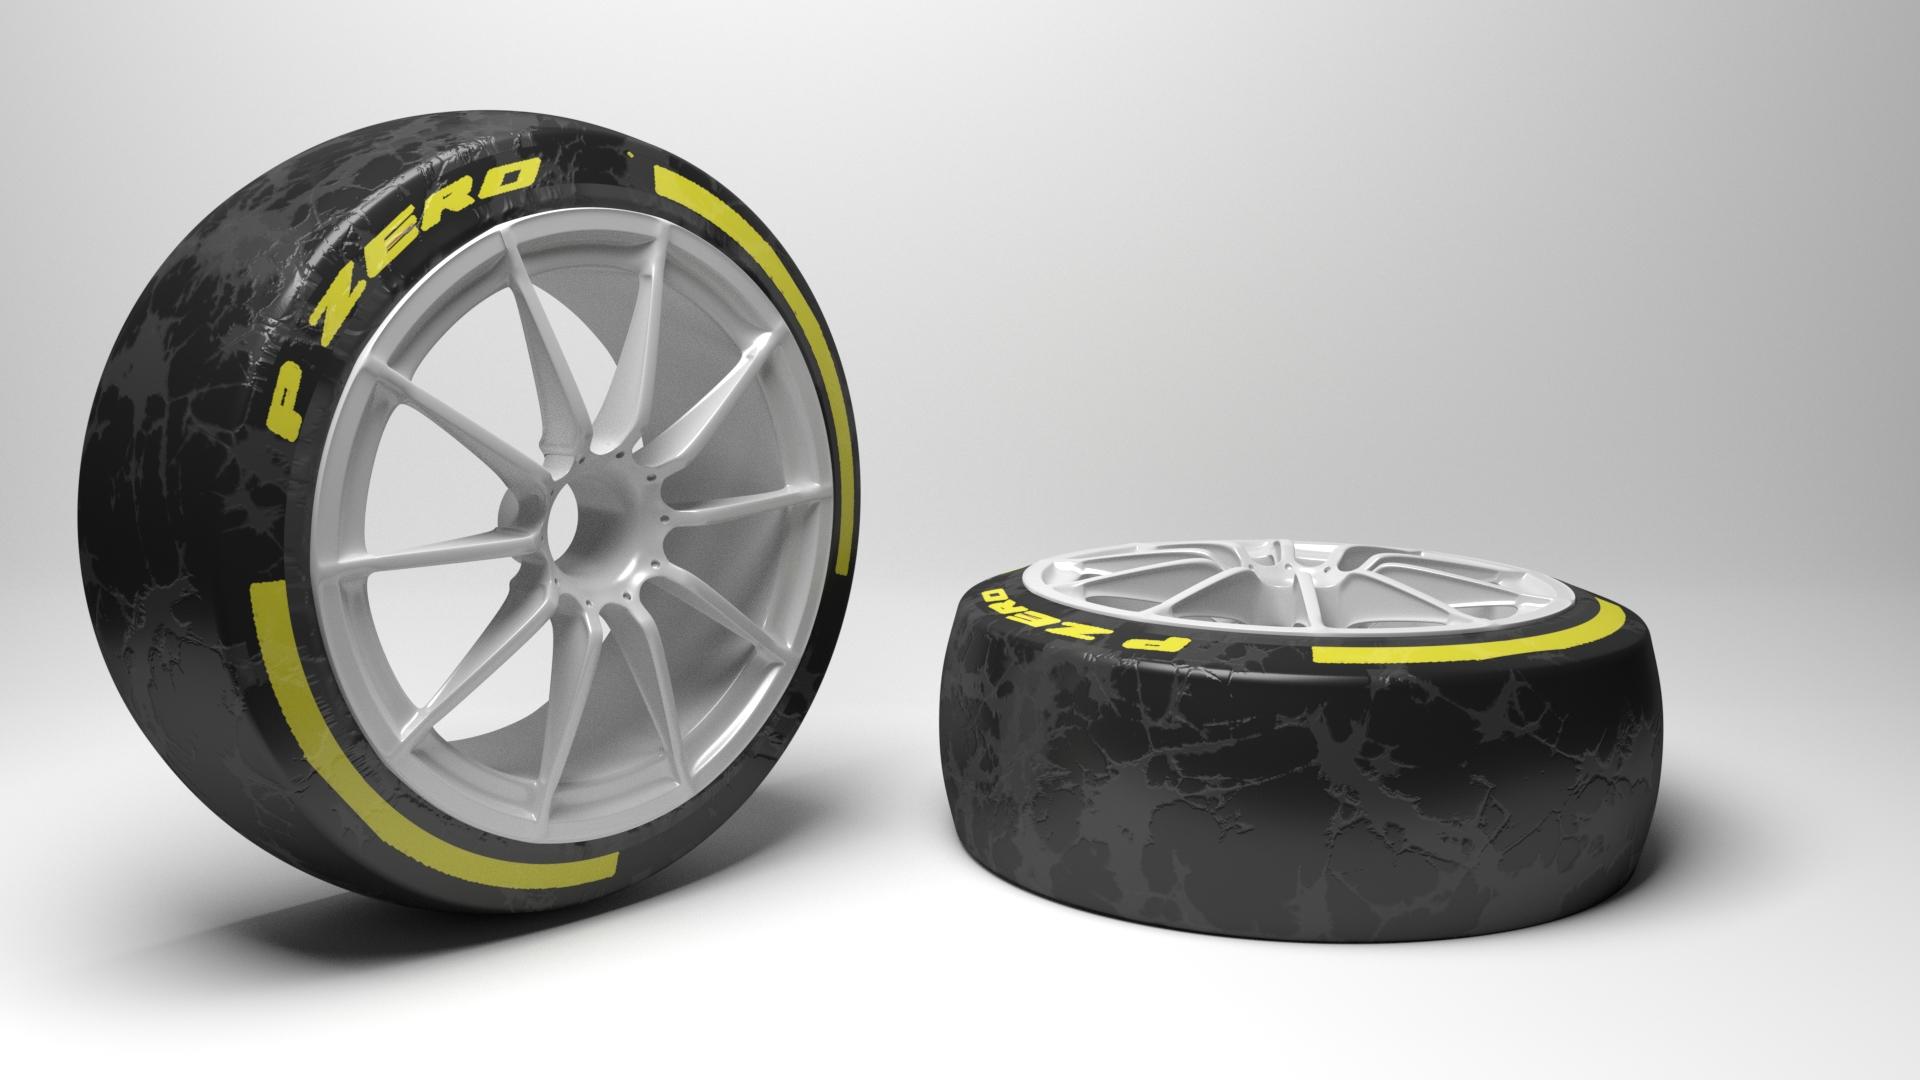 f_tires_03.jpg.9d72e56767915ff7af77292129b6af8a.jpg